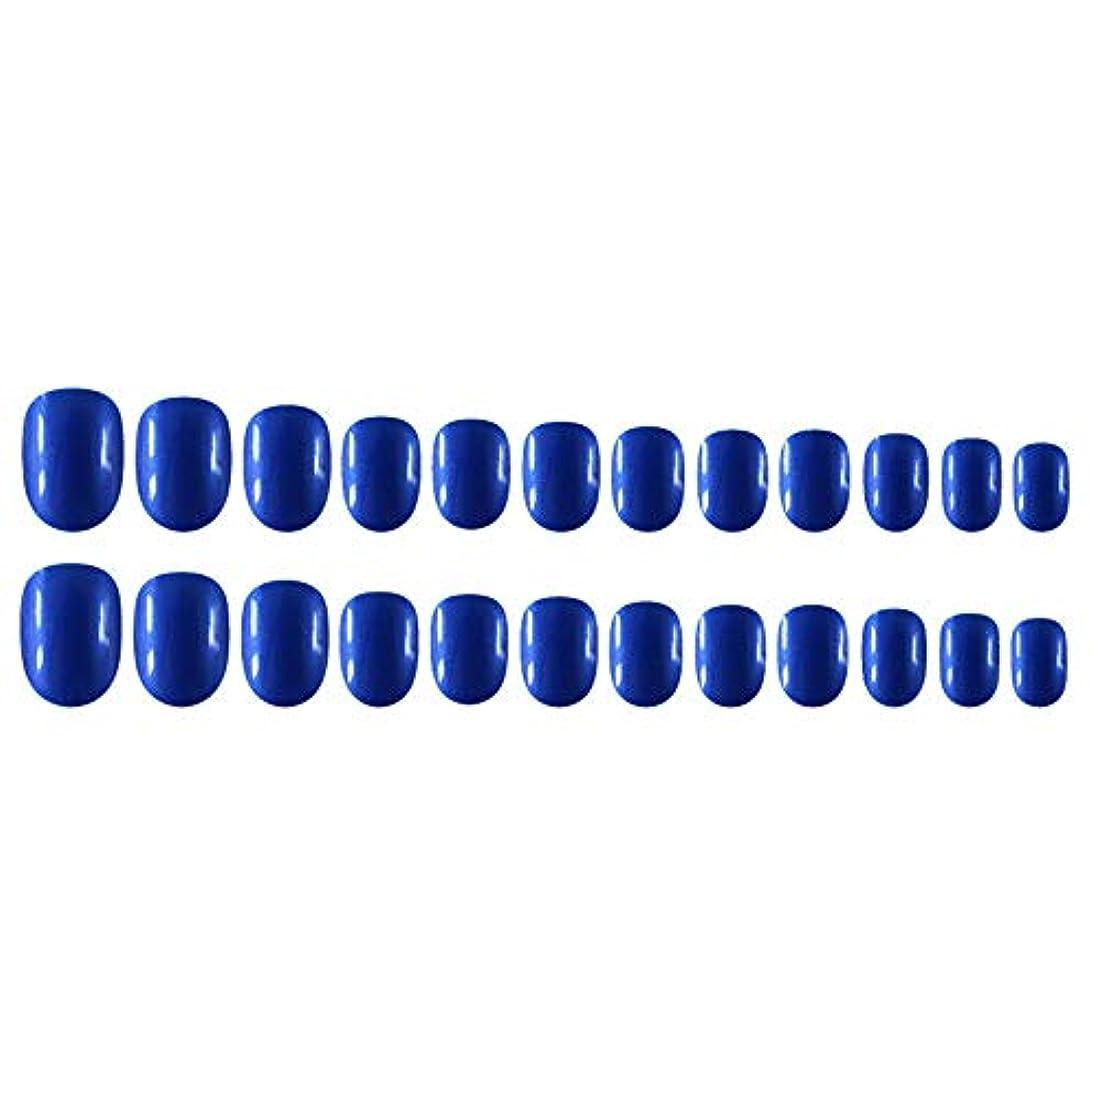 ふける櫛露出度の高いDecdeal Decdeal ネイルチップ 24ピース 12異なるサイズ diy サロン ネイルアートツール 偽